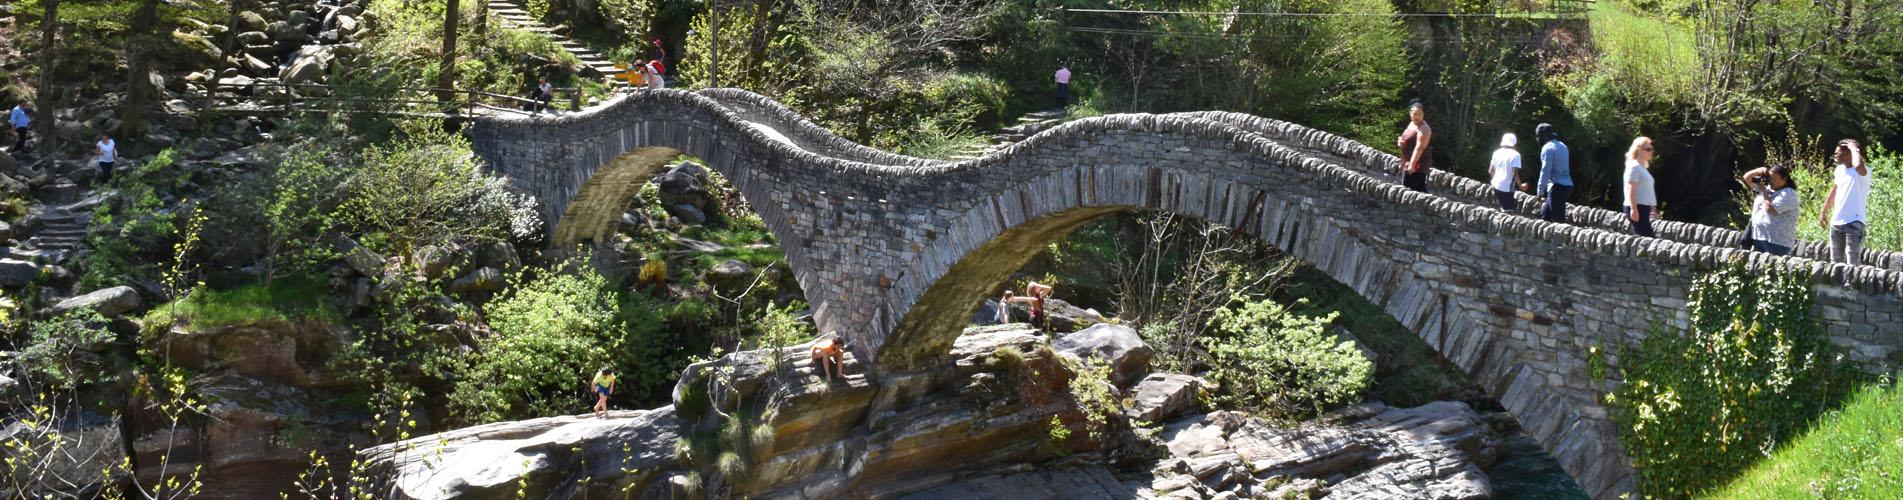 Wanderungen im Verzascatal / Valle Verzasca, Tessin – Jetzt geht's los auf die schönsten Wanderwege im Verzascatal.